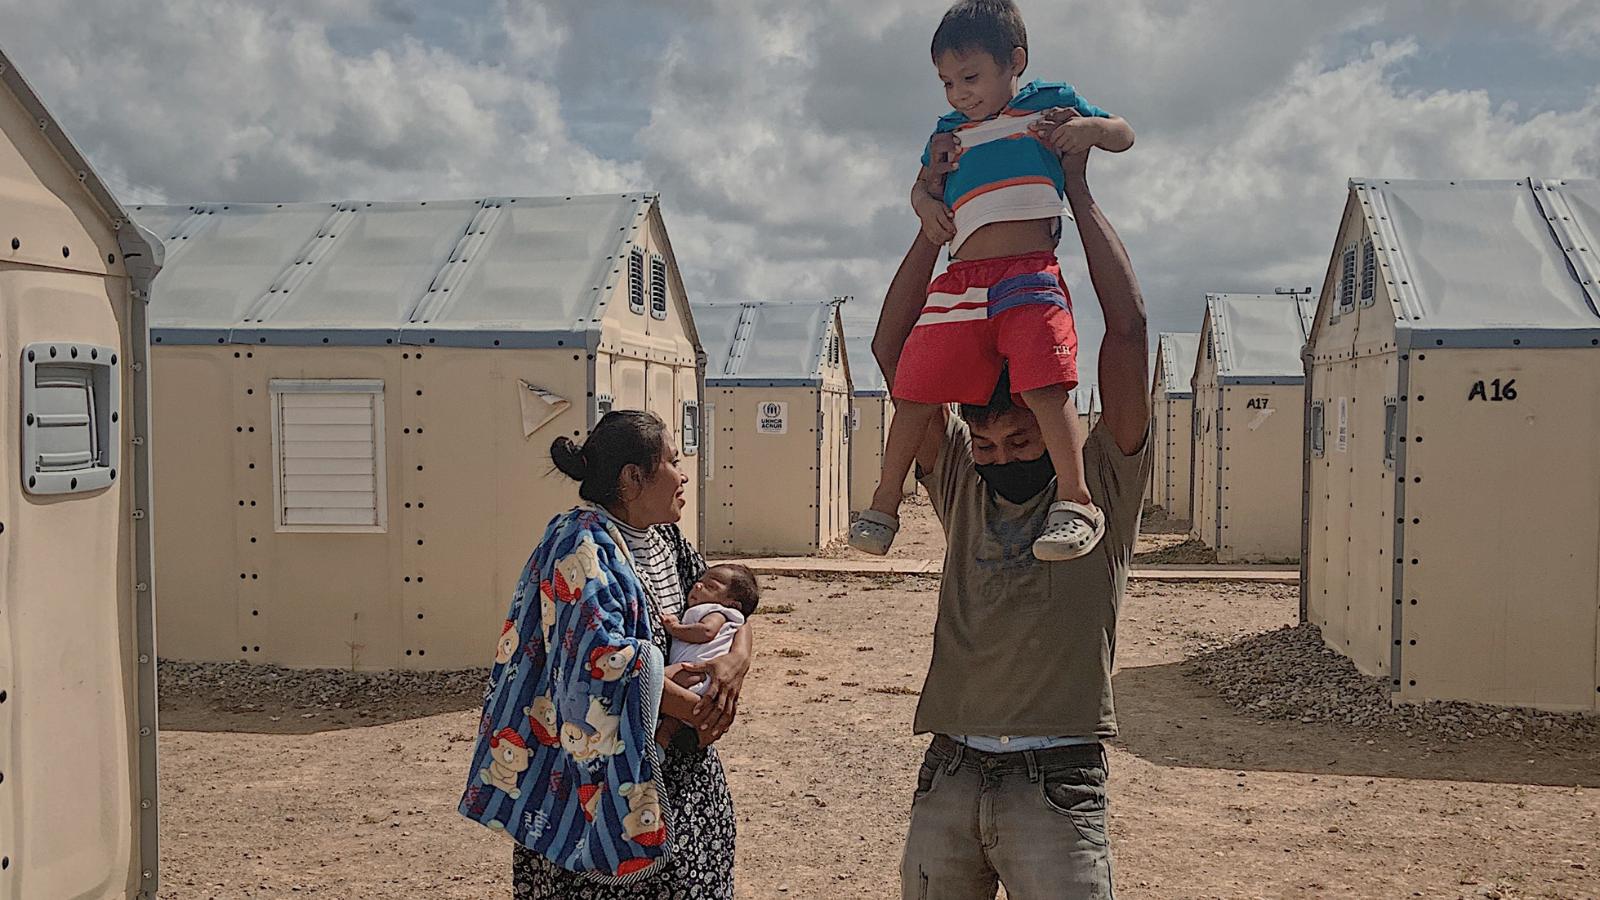 En video   La travesía desértica de una wayúu que huía del hambre en Venezuela